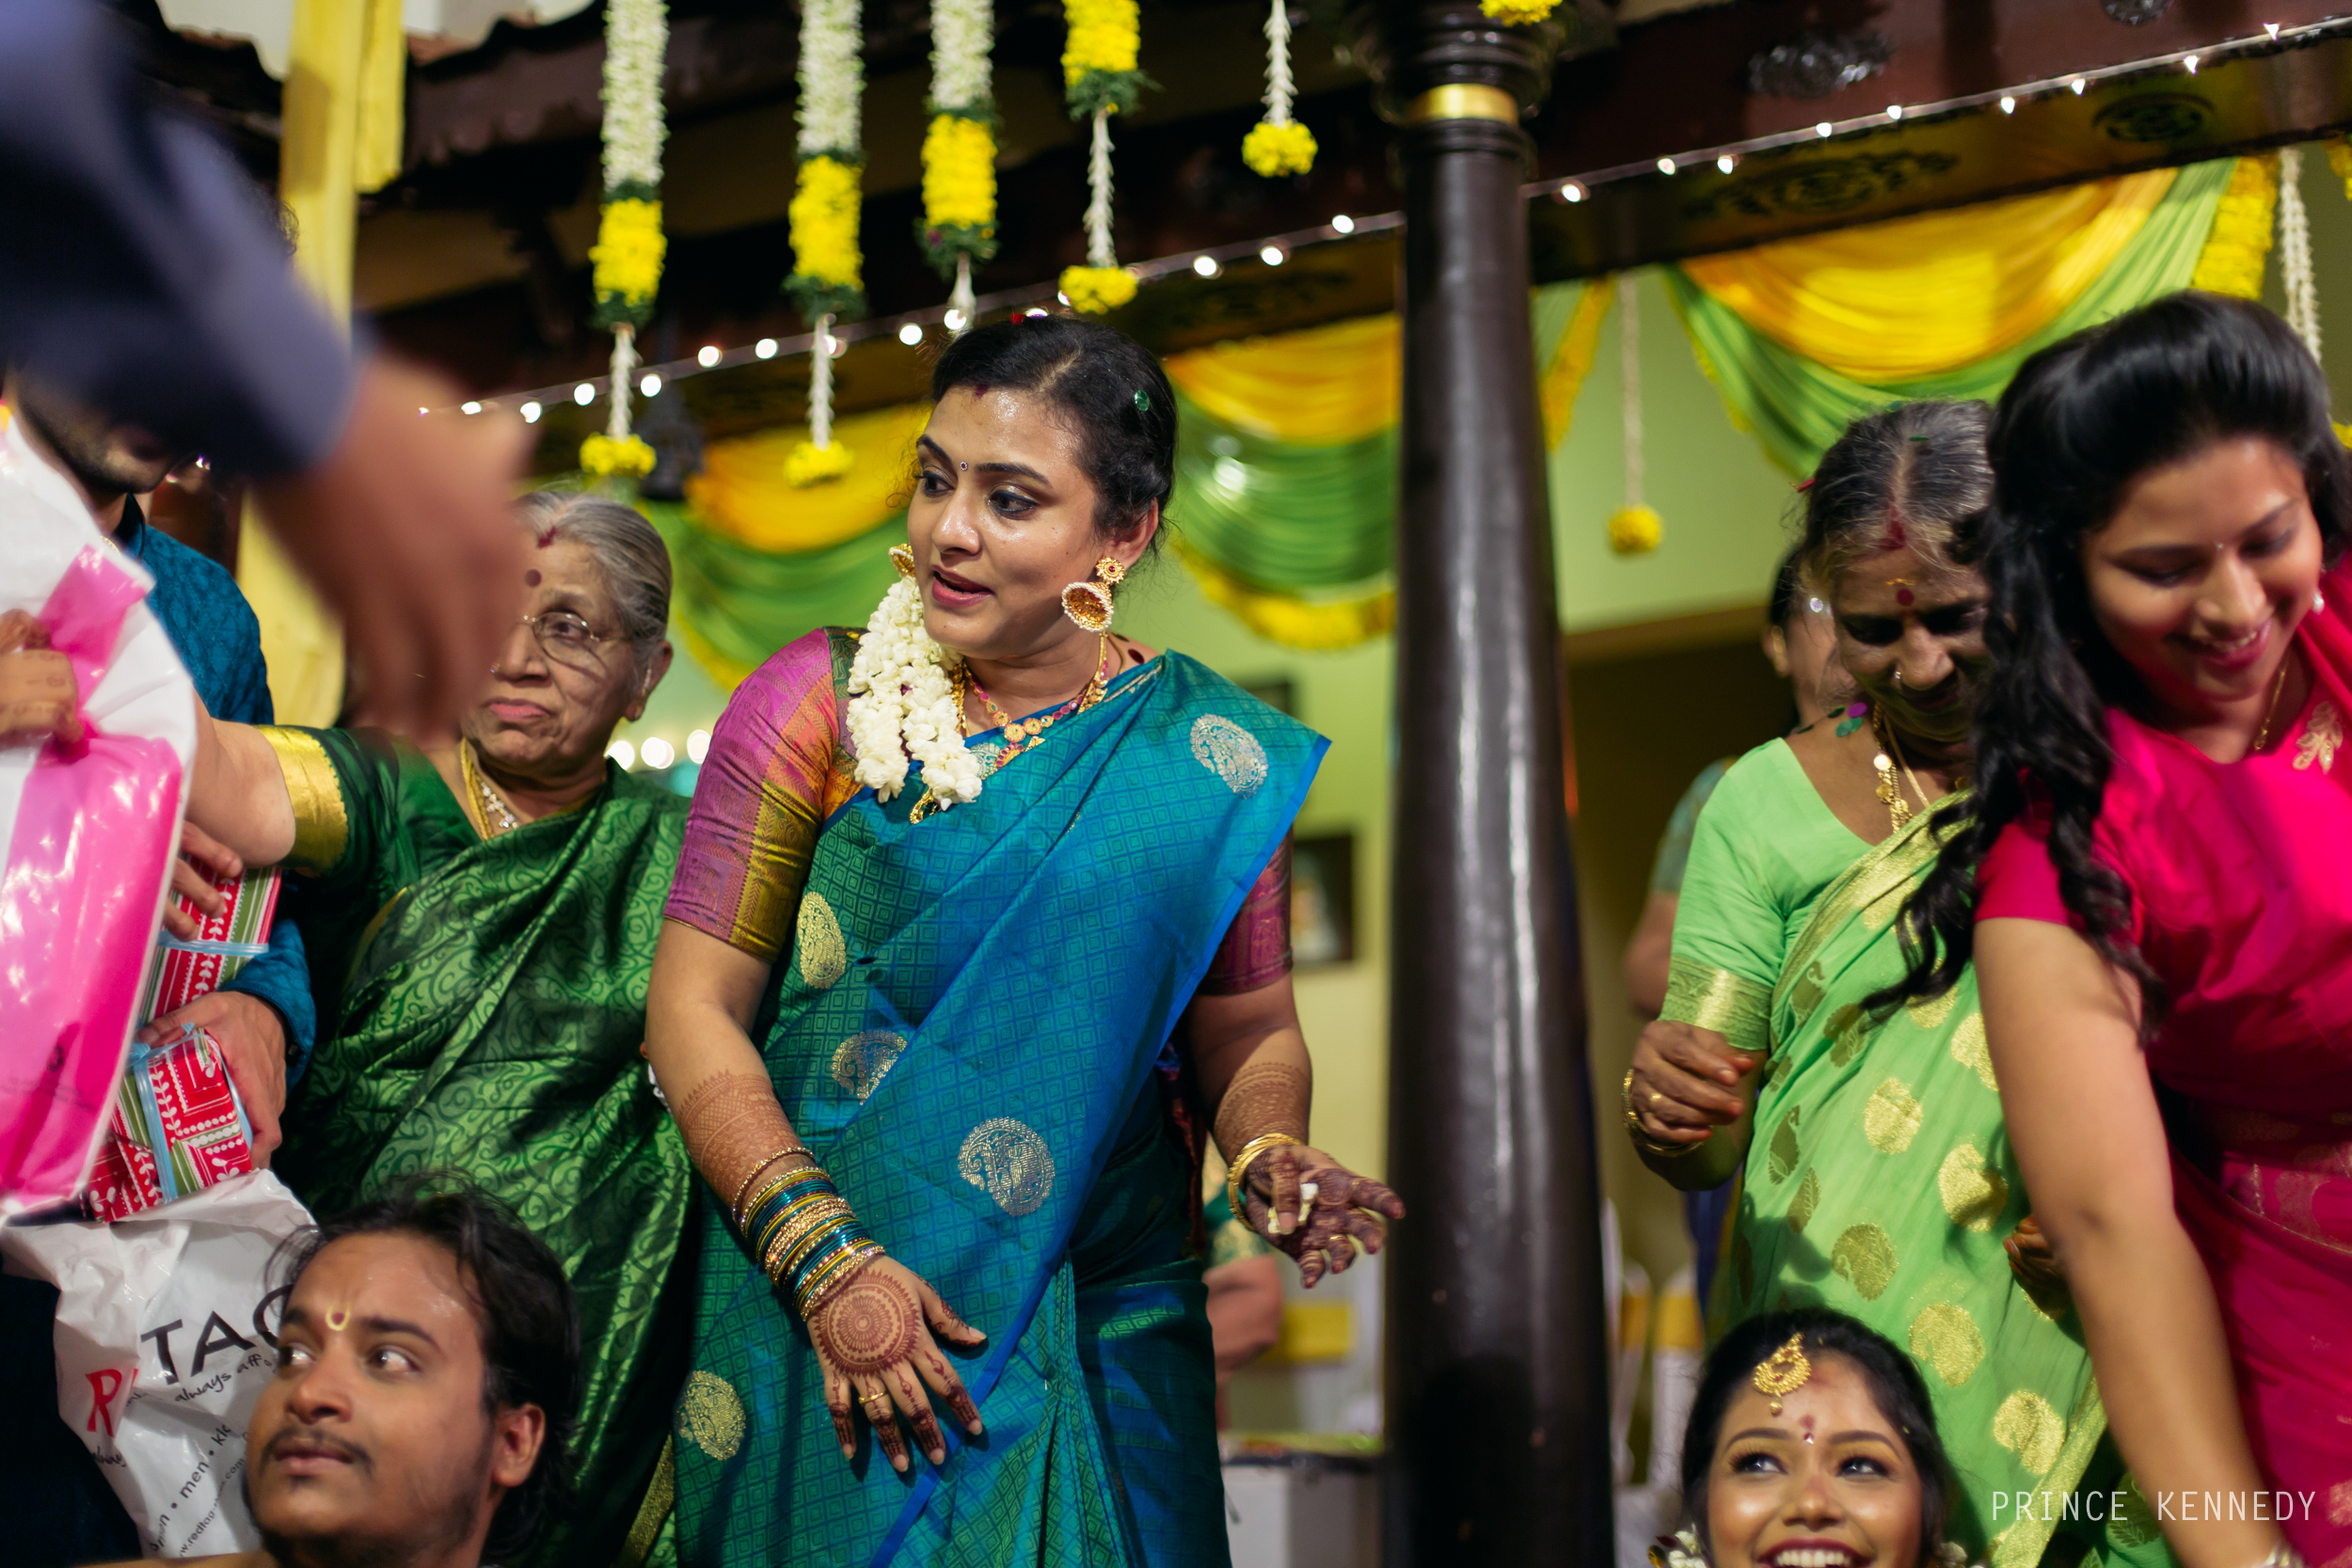 Engagement-Couple-Portrait-Portraiture-Wedding-Couple-Portrait-Chennai-Photographer-Candid-Photography-Destination-Best-Prince-Kennedy-Photography-254.jpg